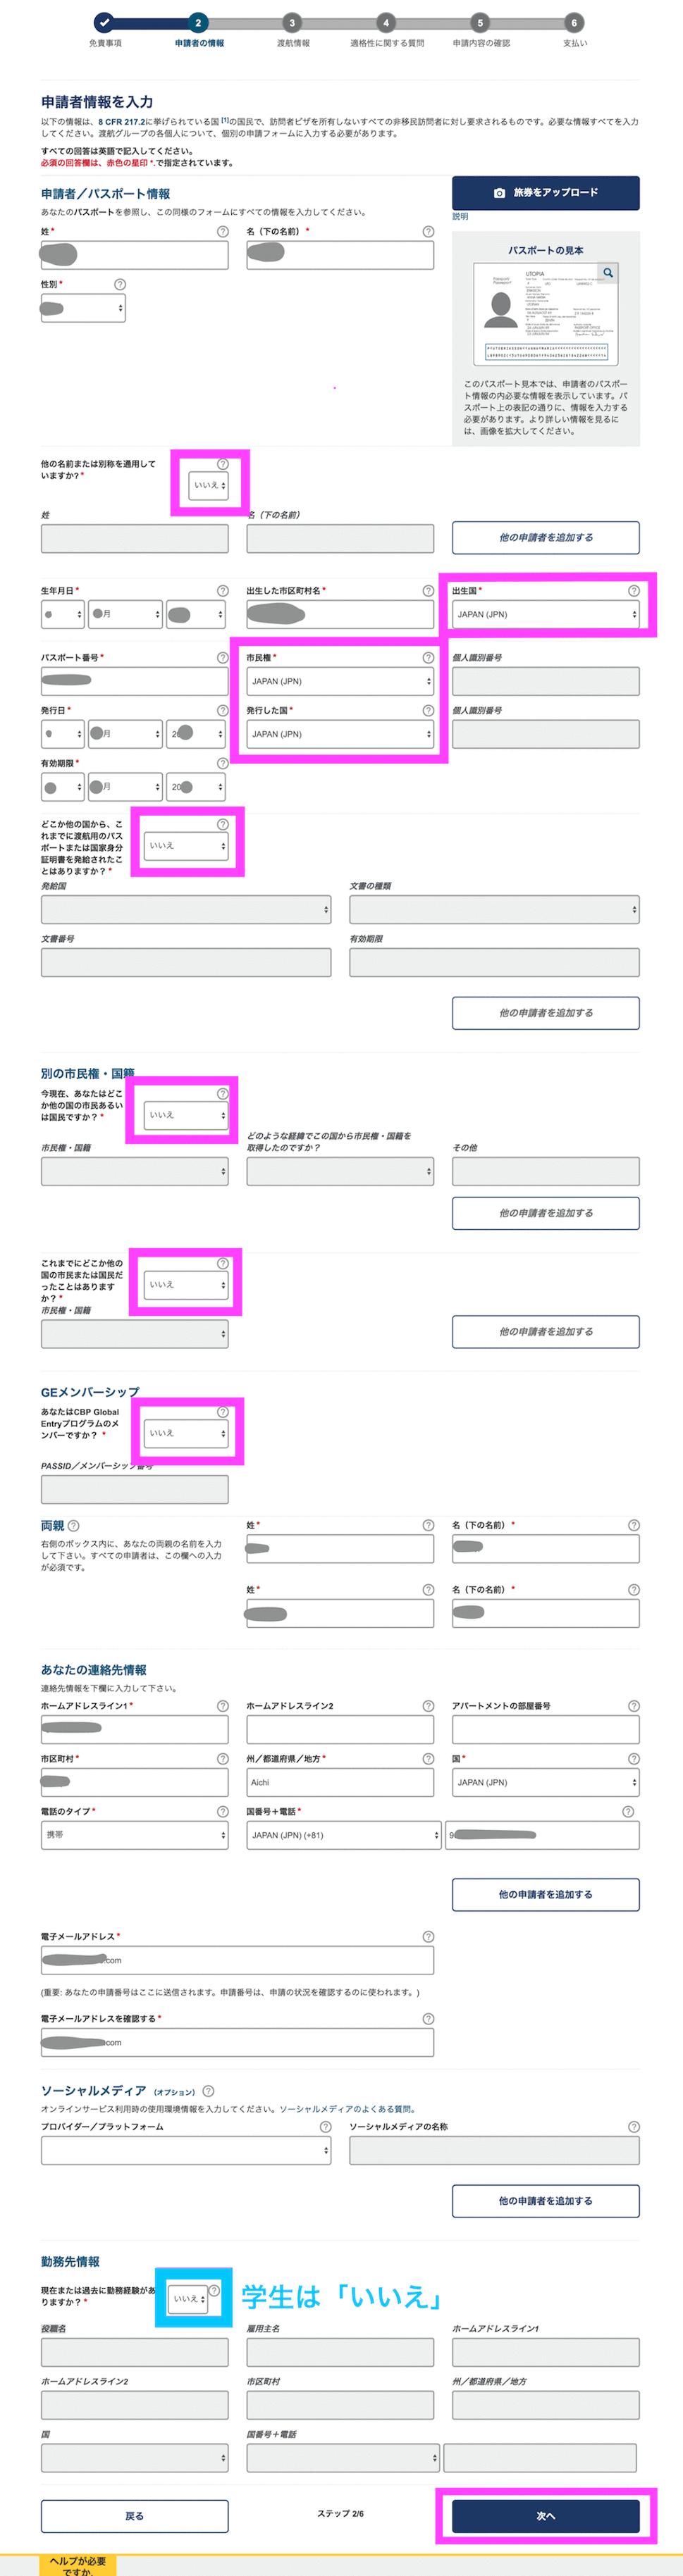 アメリカ入国のESTA(エスタ)申請方法(手順)登録情報入力